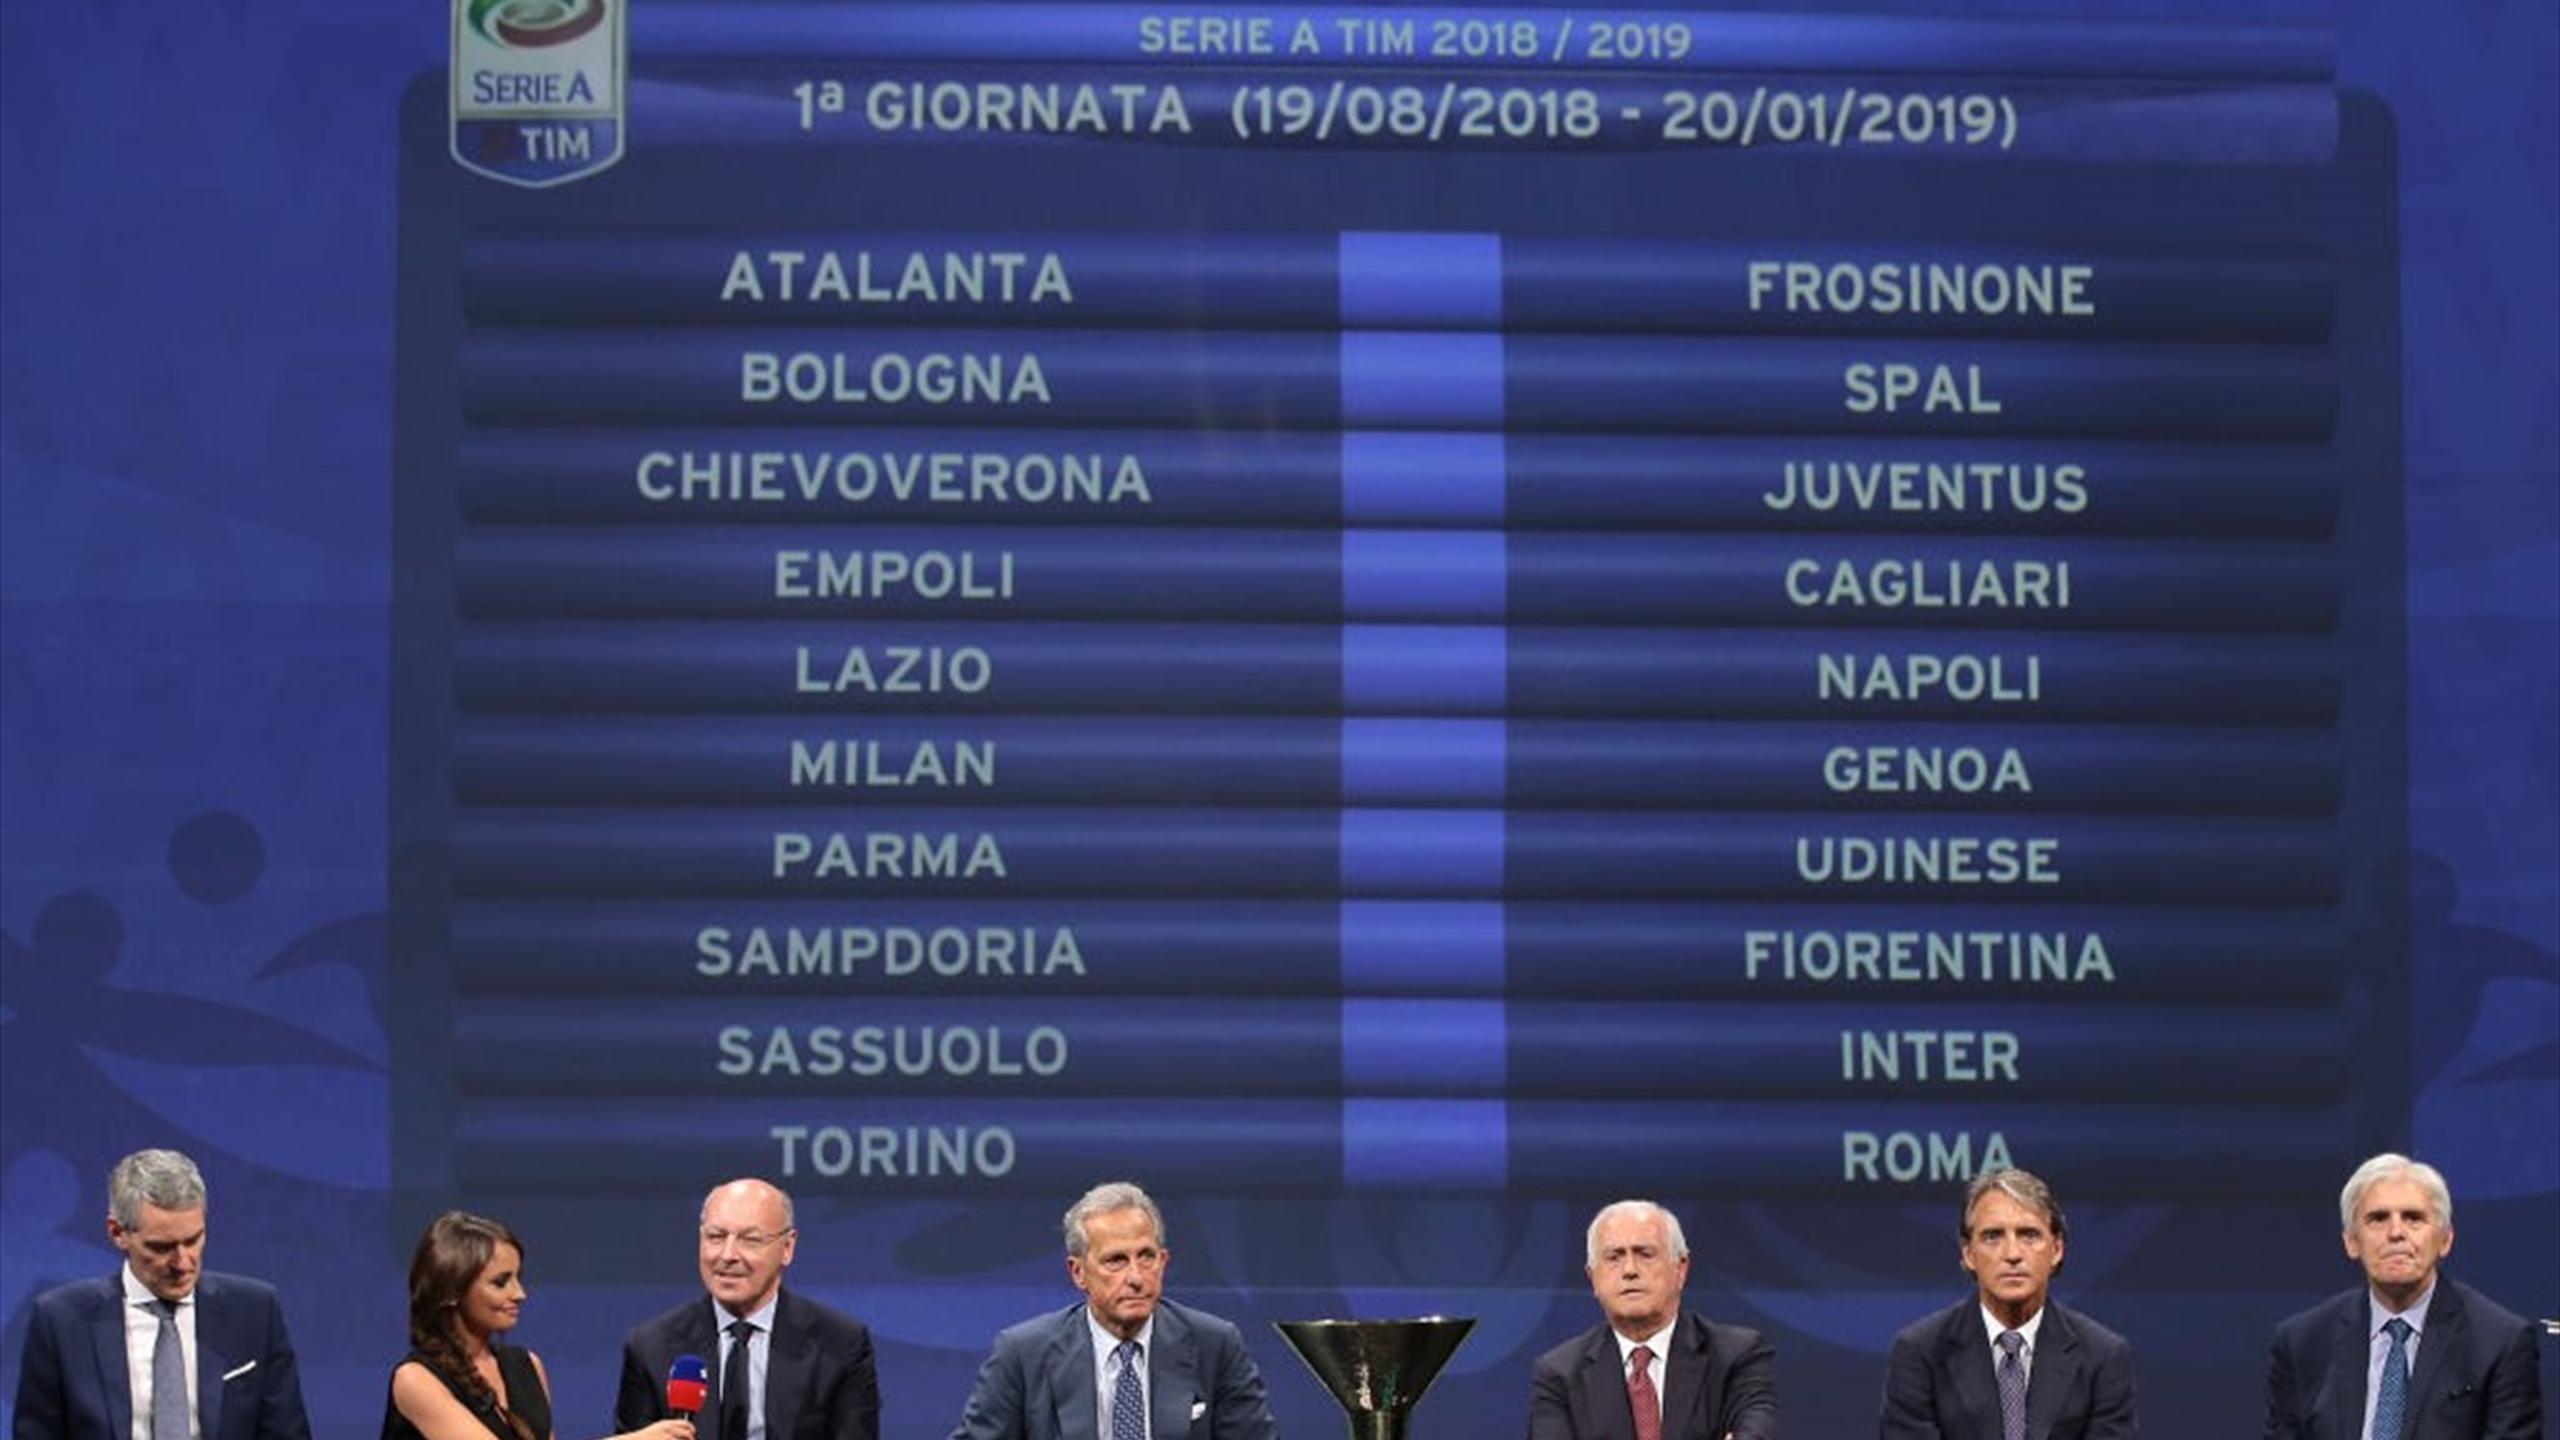 Il Calendario Completo Del Campionato Di Serie A 2018 19 Eurosport